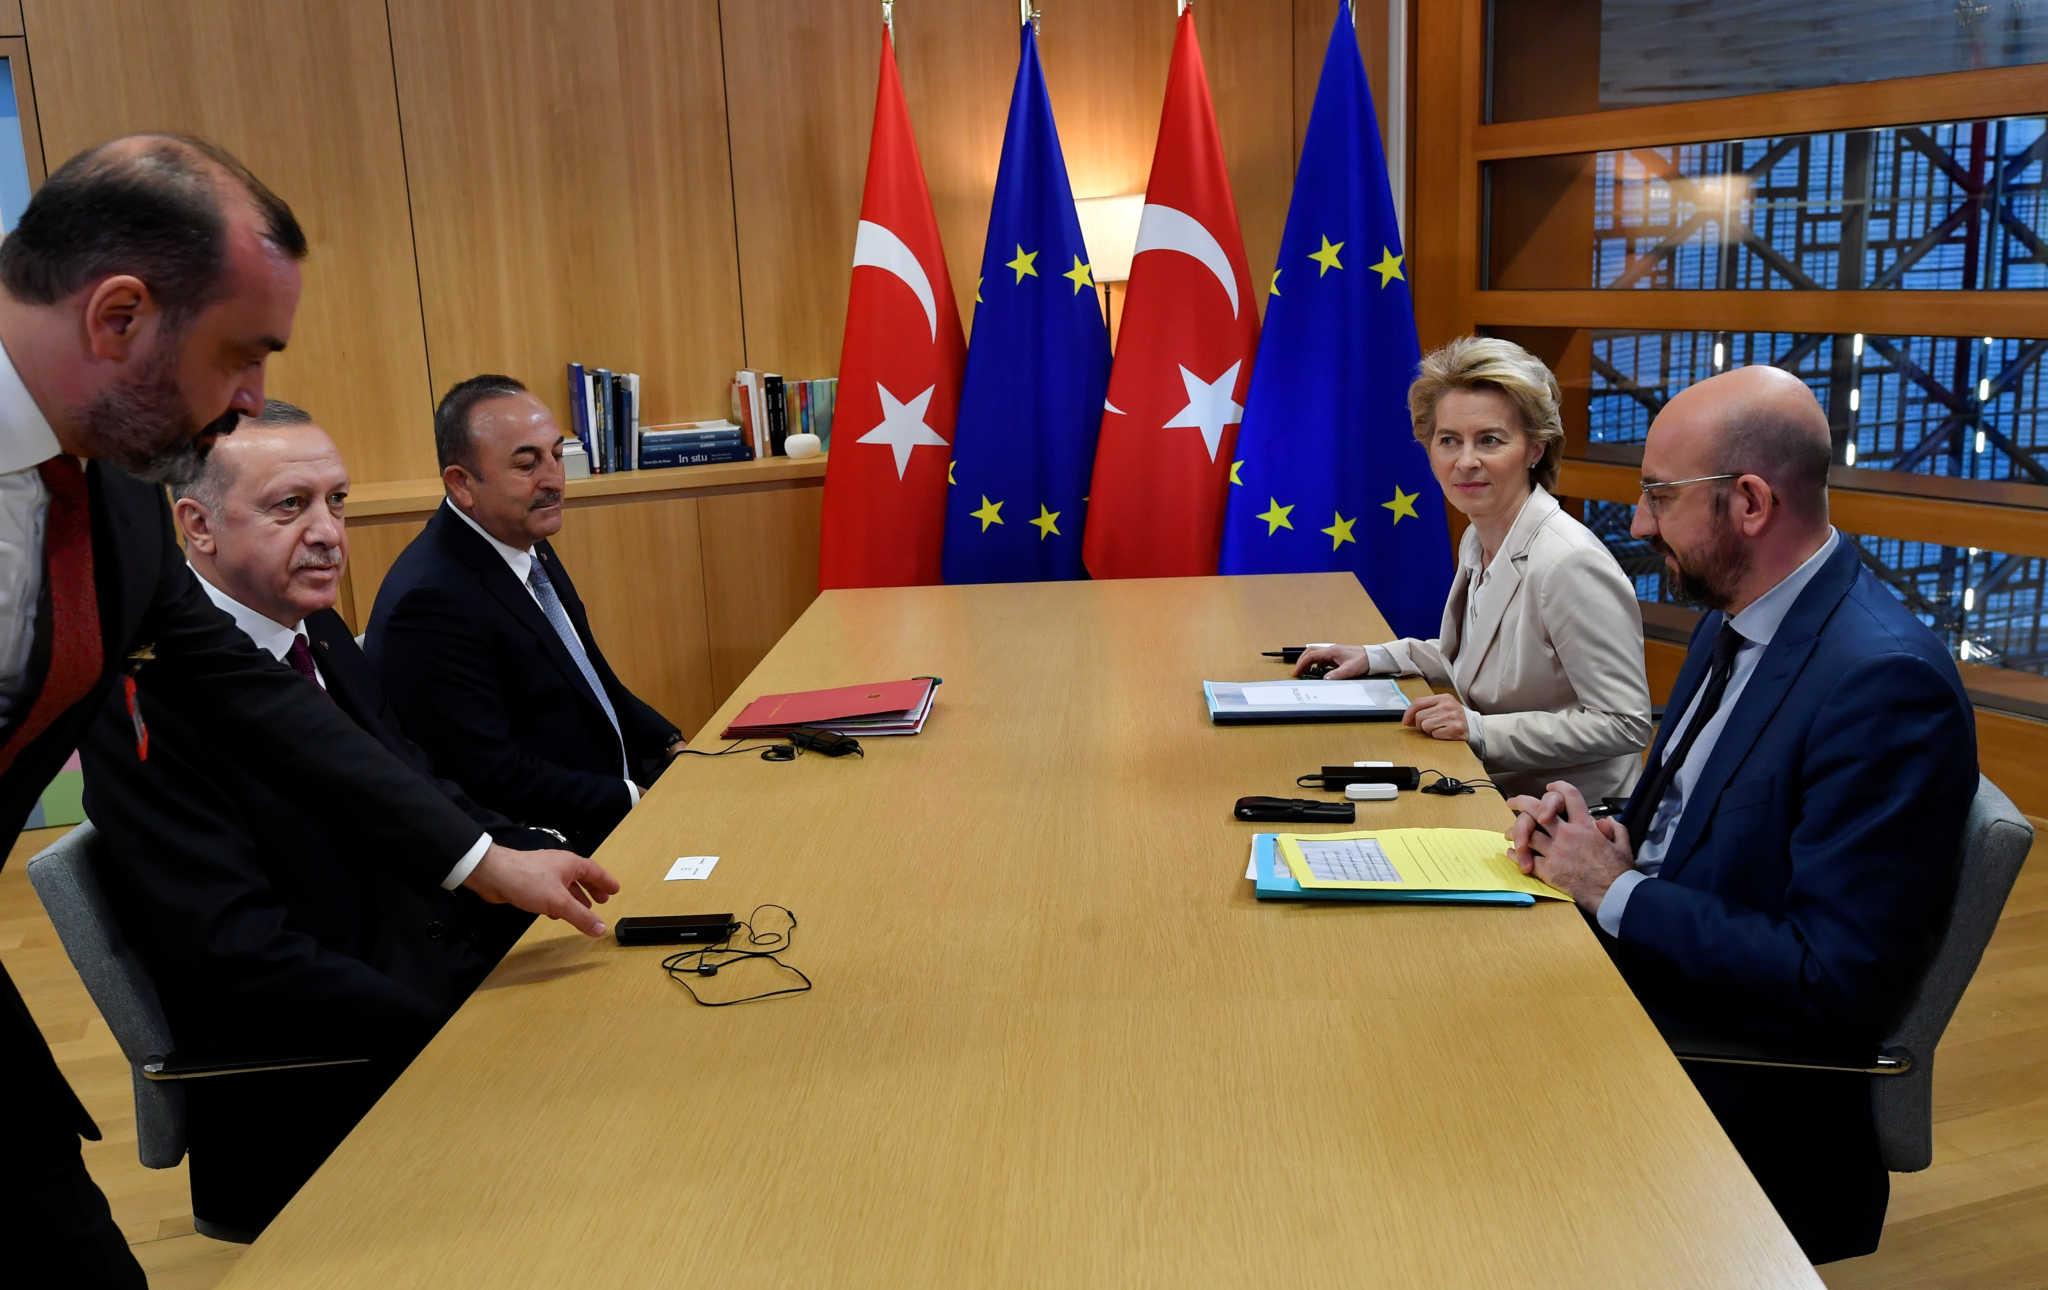 Στην Τουρκία στις 6 Απριλίου ο Σαρλ Μισέλ και η Ούρσουλα Φον Ντερ Λάιεν